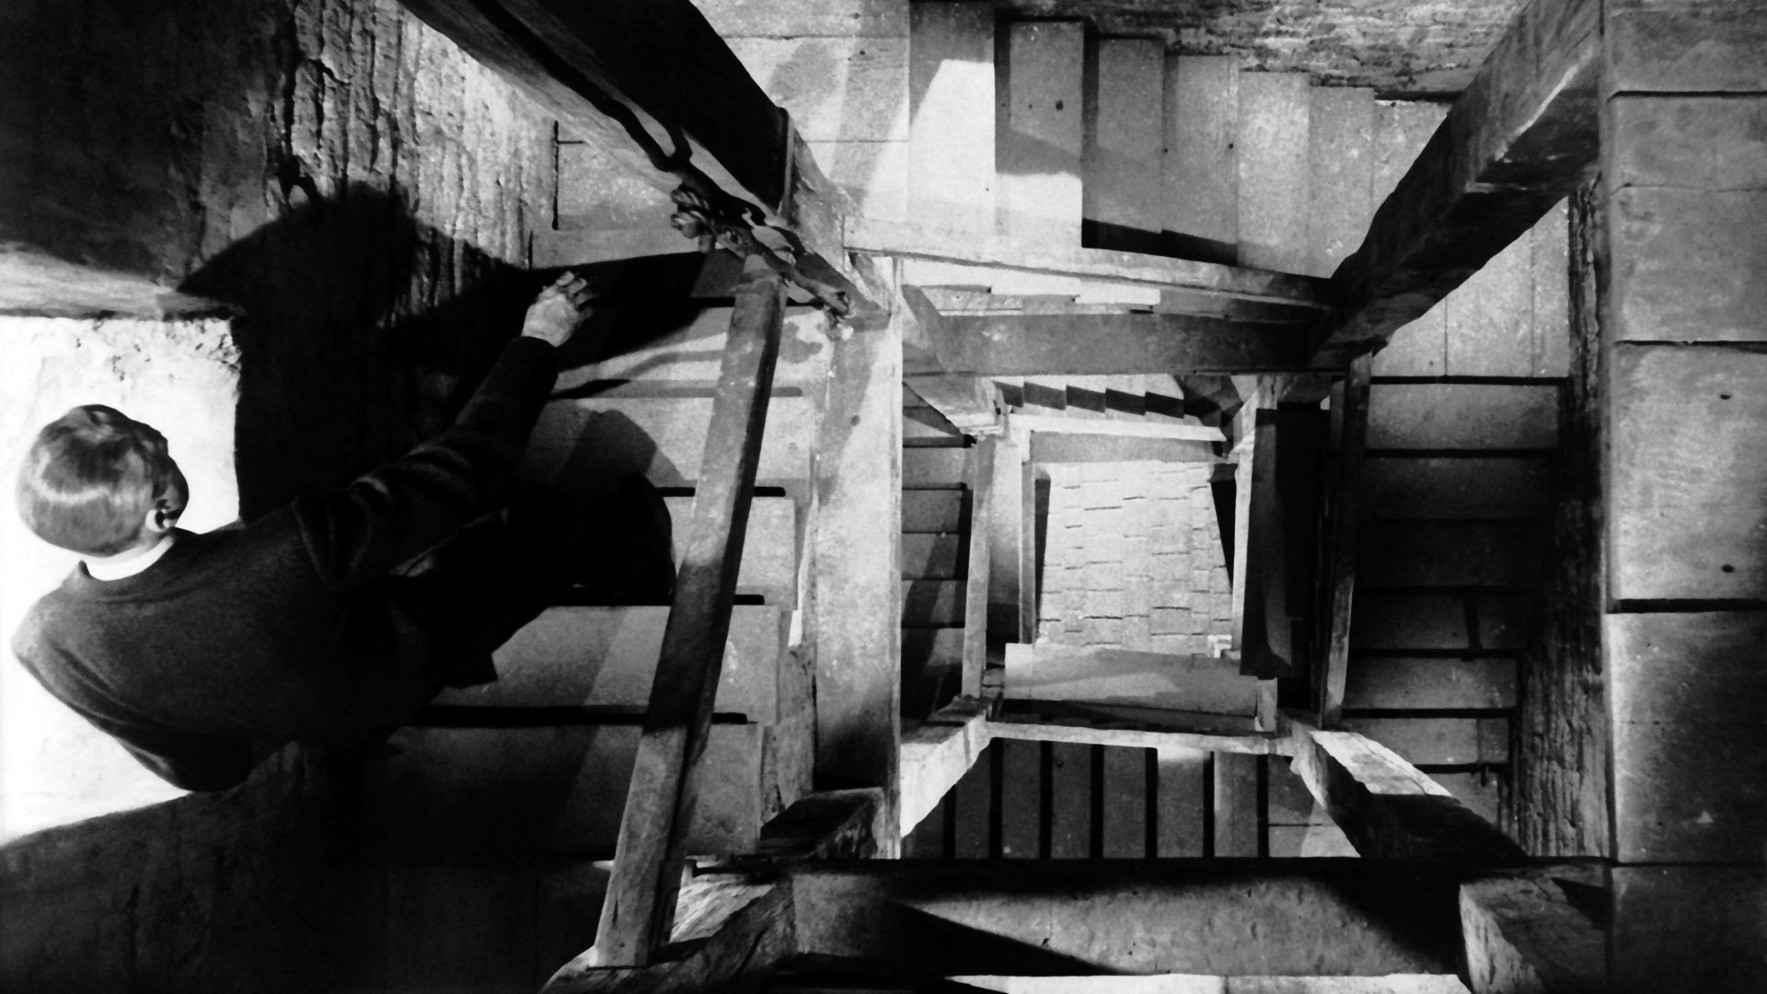 Vertigo v. Gatsby image